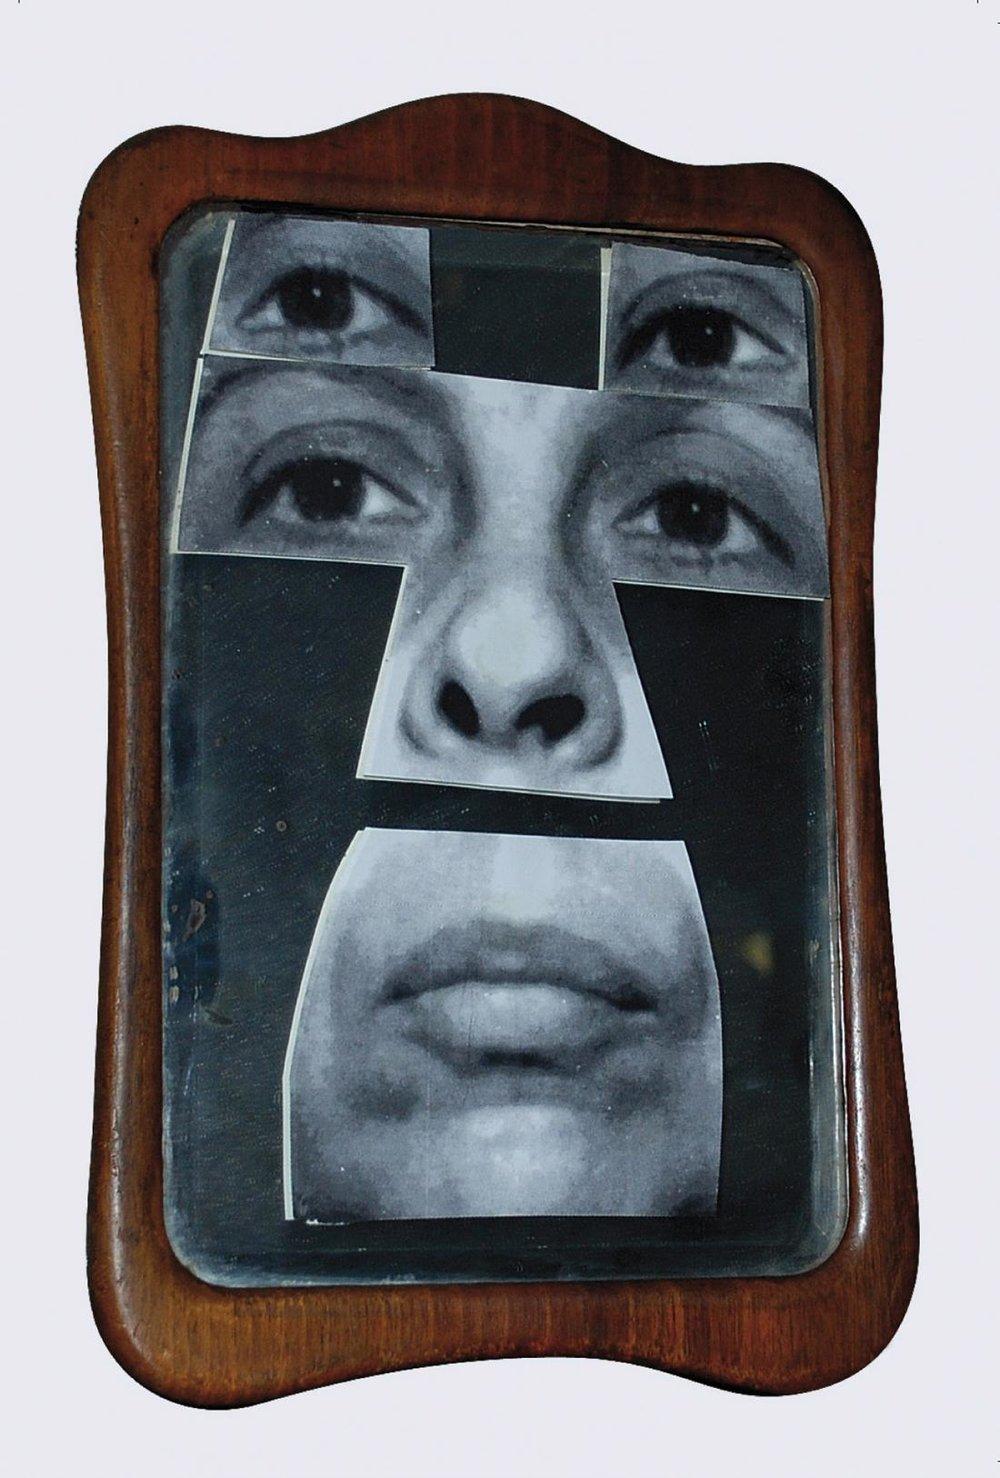 Geta Brătescu, Autoportret în oglindă [Self-Portrait in the Mirror], 2001. © Geta Brătescu, Courtesy the artist; Ivan Gallery, Bucharest; Hauser & Wirth. Photo: Ștefan Sava.